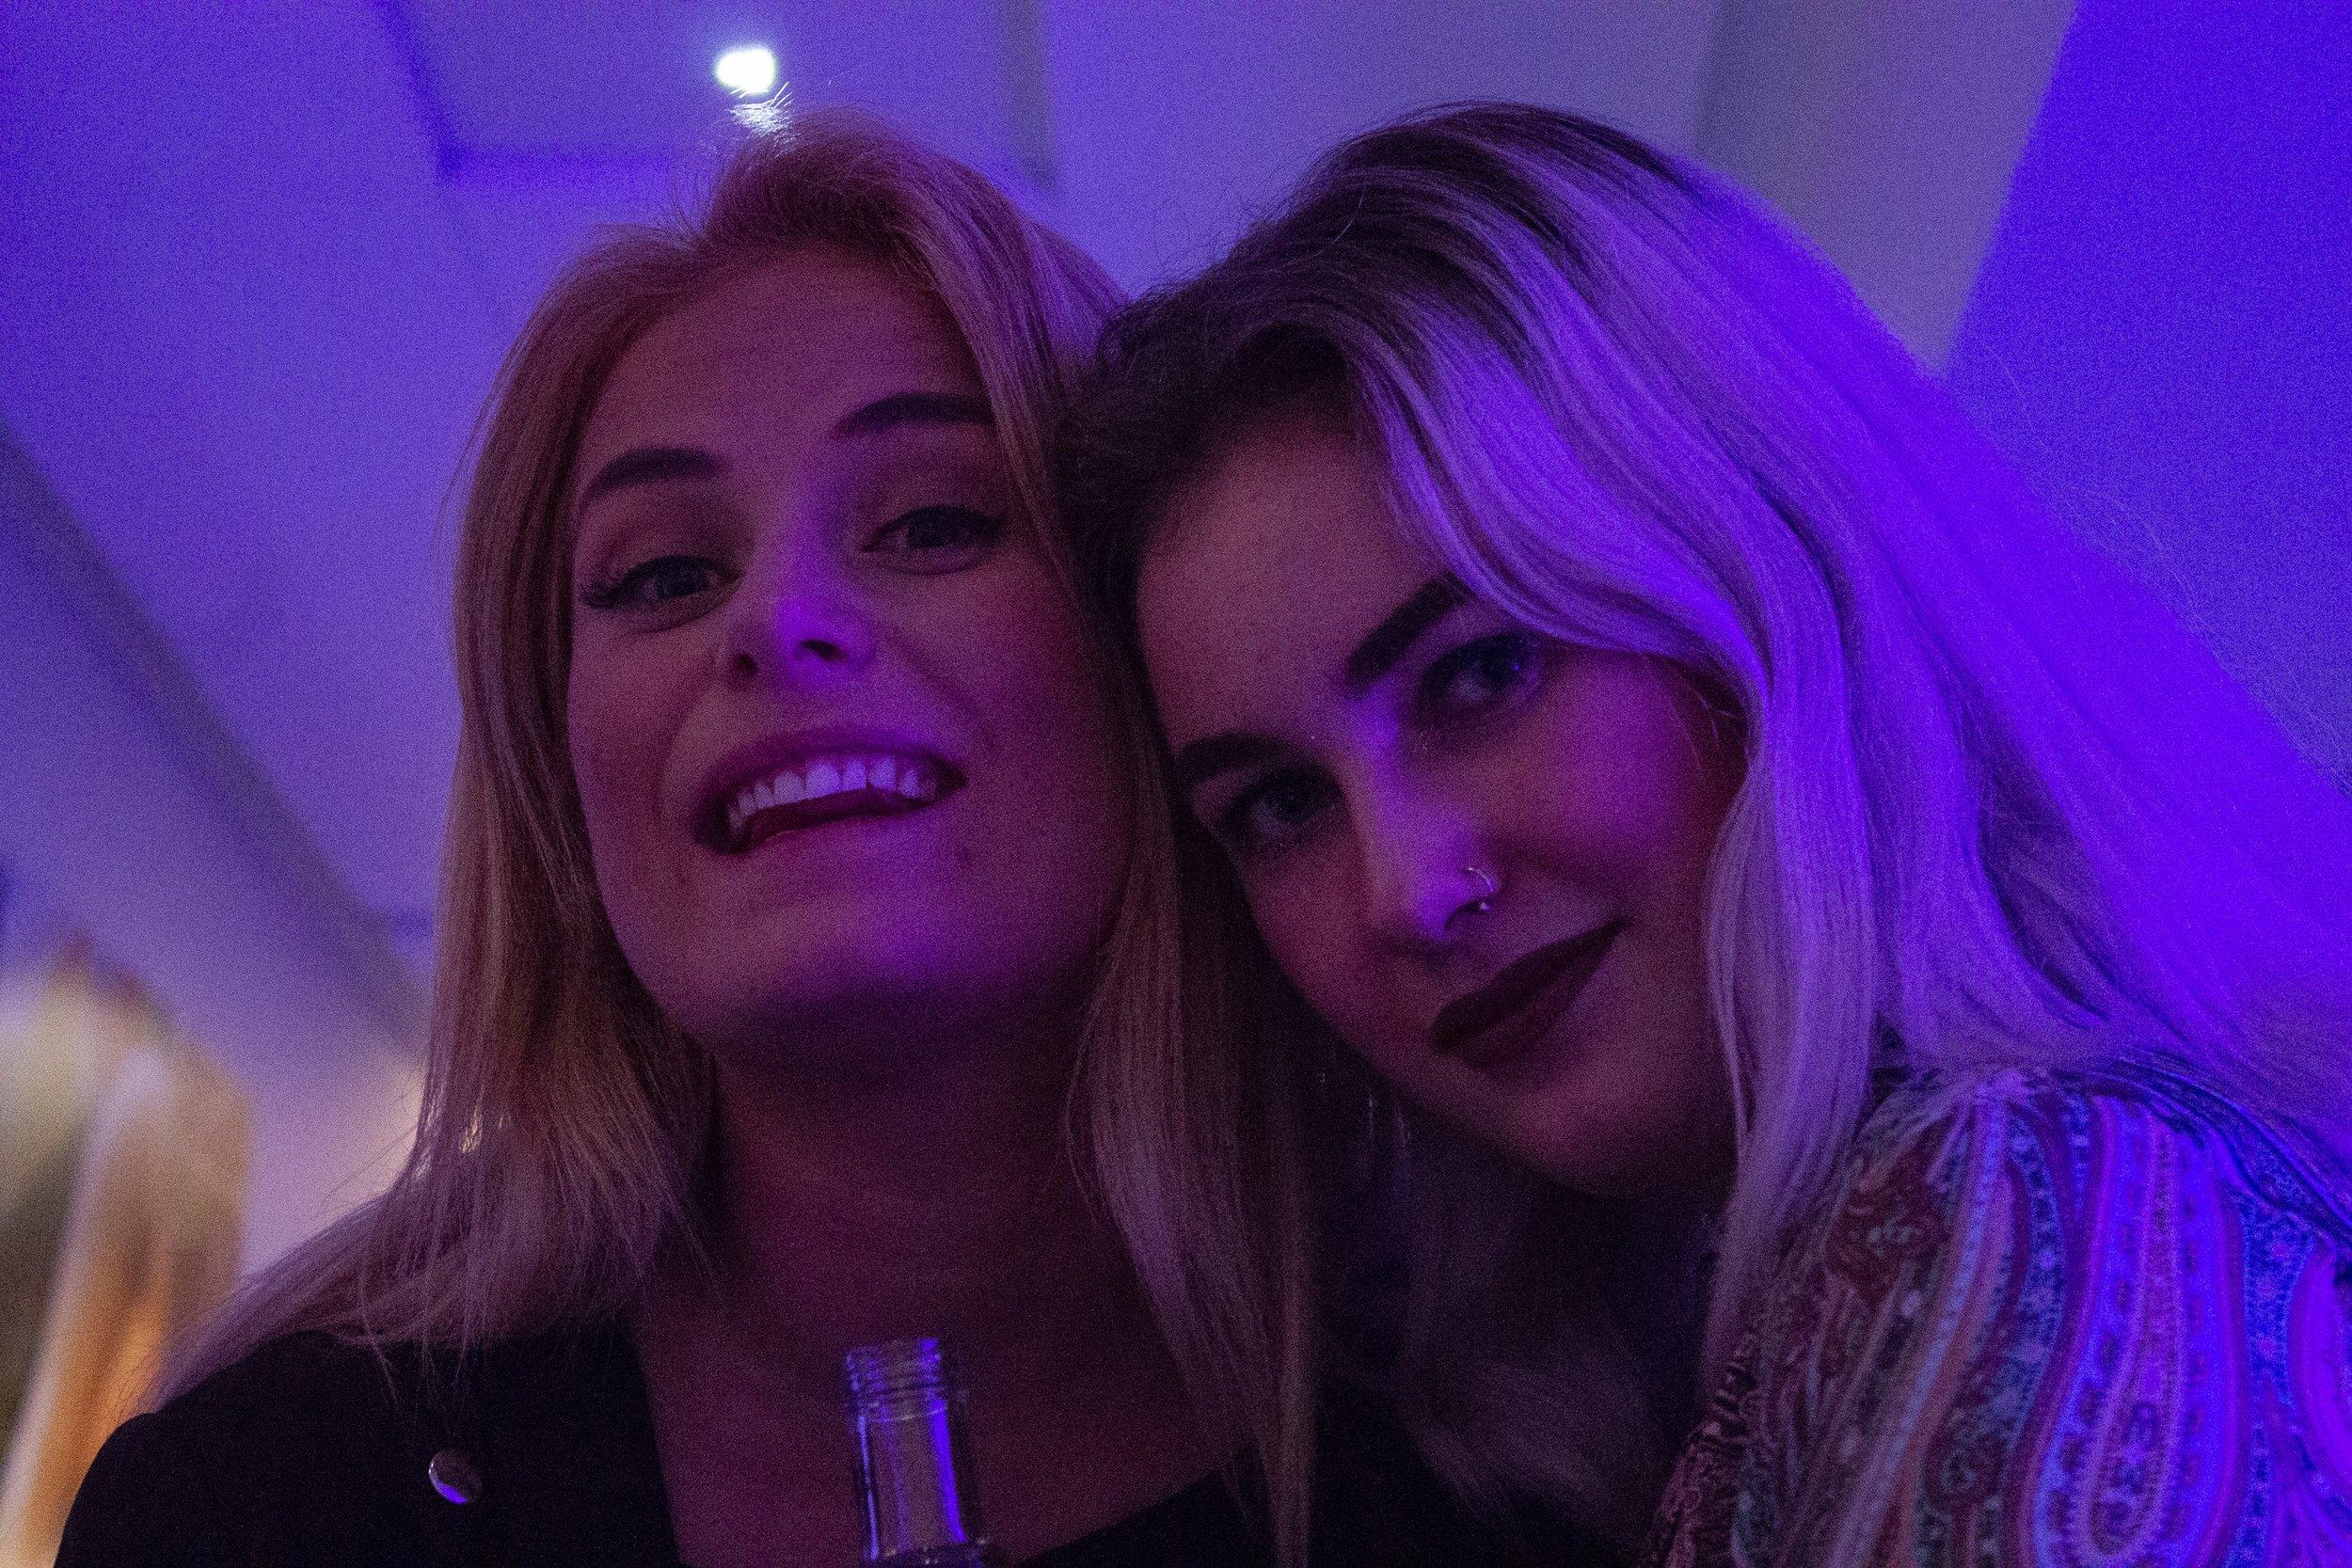 Collective_Festival_2018_Mellomstasjonen_Photo_by_Sunniva_Ronander-23.jpeg